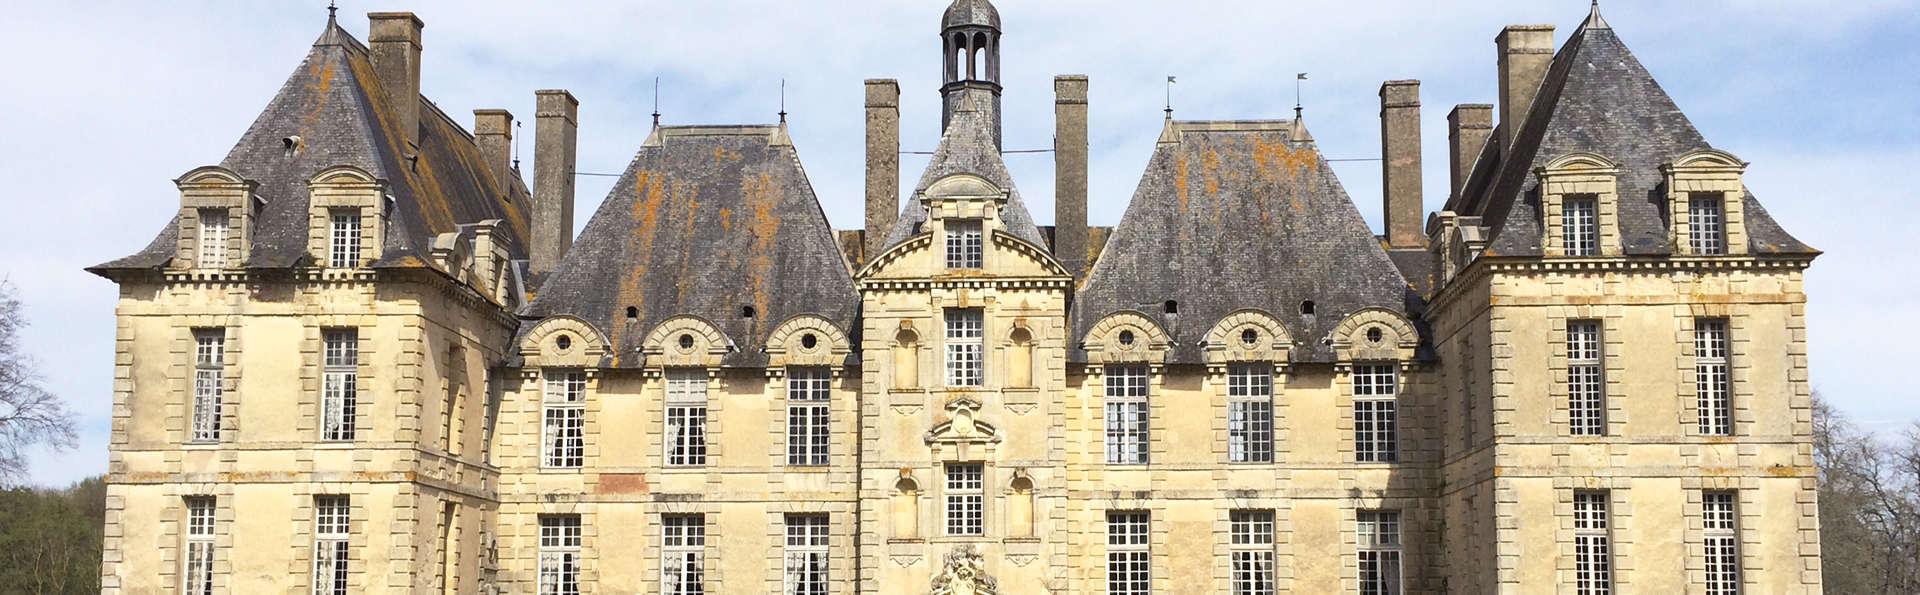 Château de Saint Loup - EDIT_Fachada_1.jpg